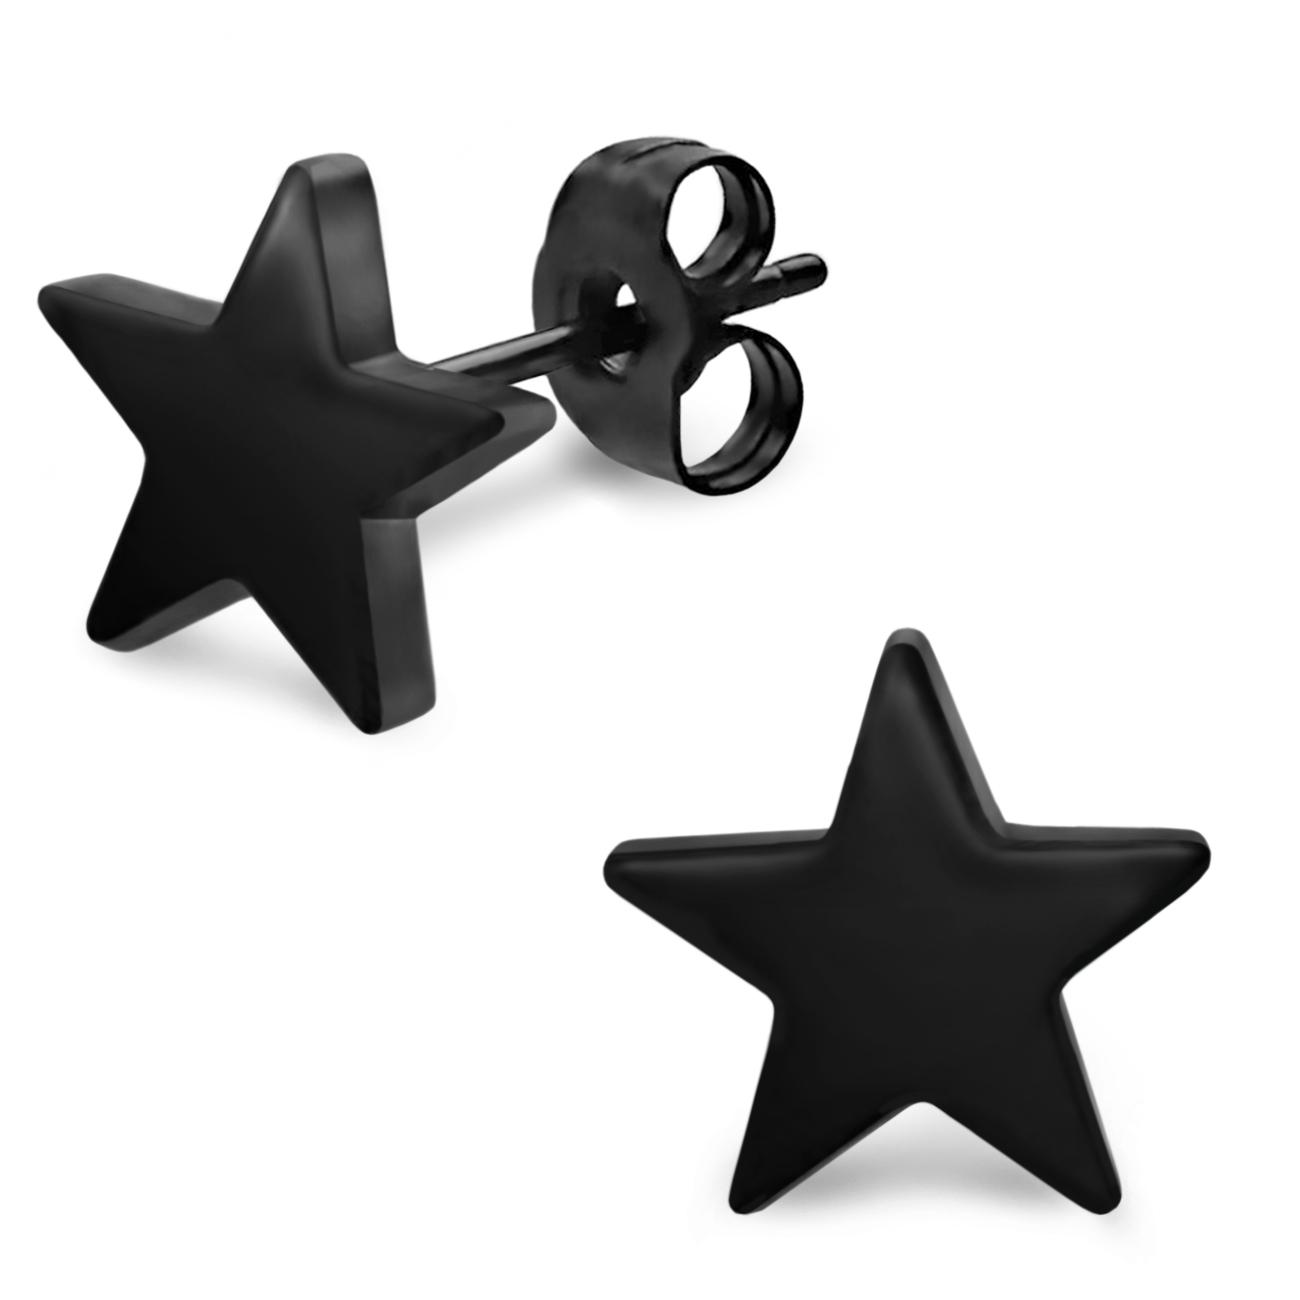 ohrstecker stern schwarz 2er set ohrringe herren m nner. Black Bedroom Furniture Sets. Home Design Ideas